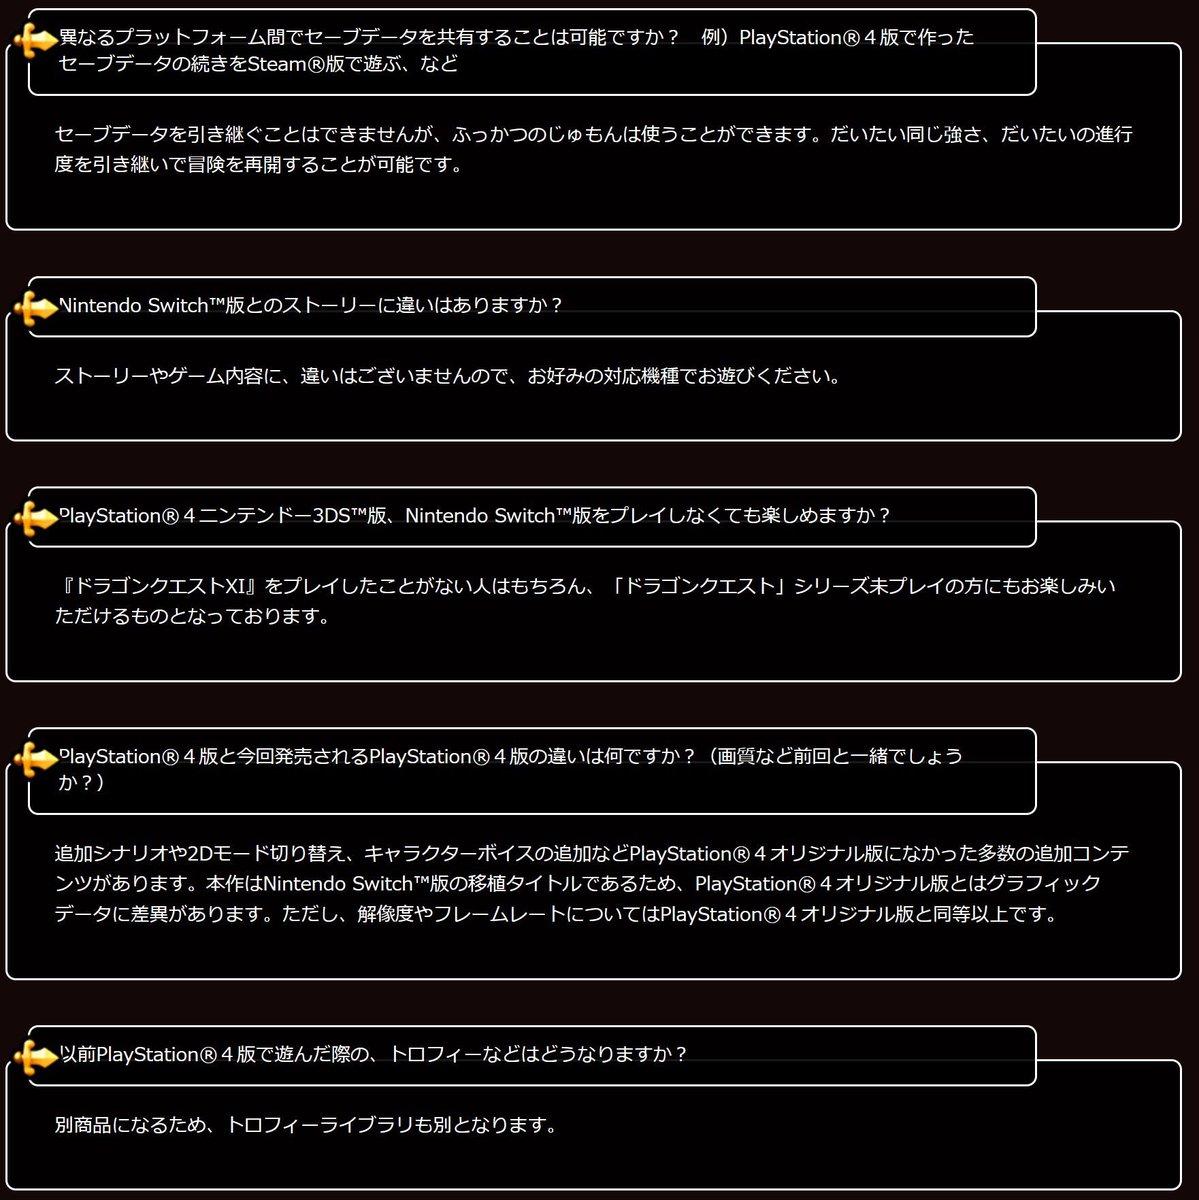 EdpLjaFUMAADHk1 - 【悲報】ドラクエ11さん、集金版・不完全版・劣化完全版・劣化完全版移植とやりたい放題